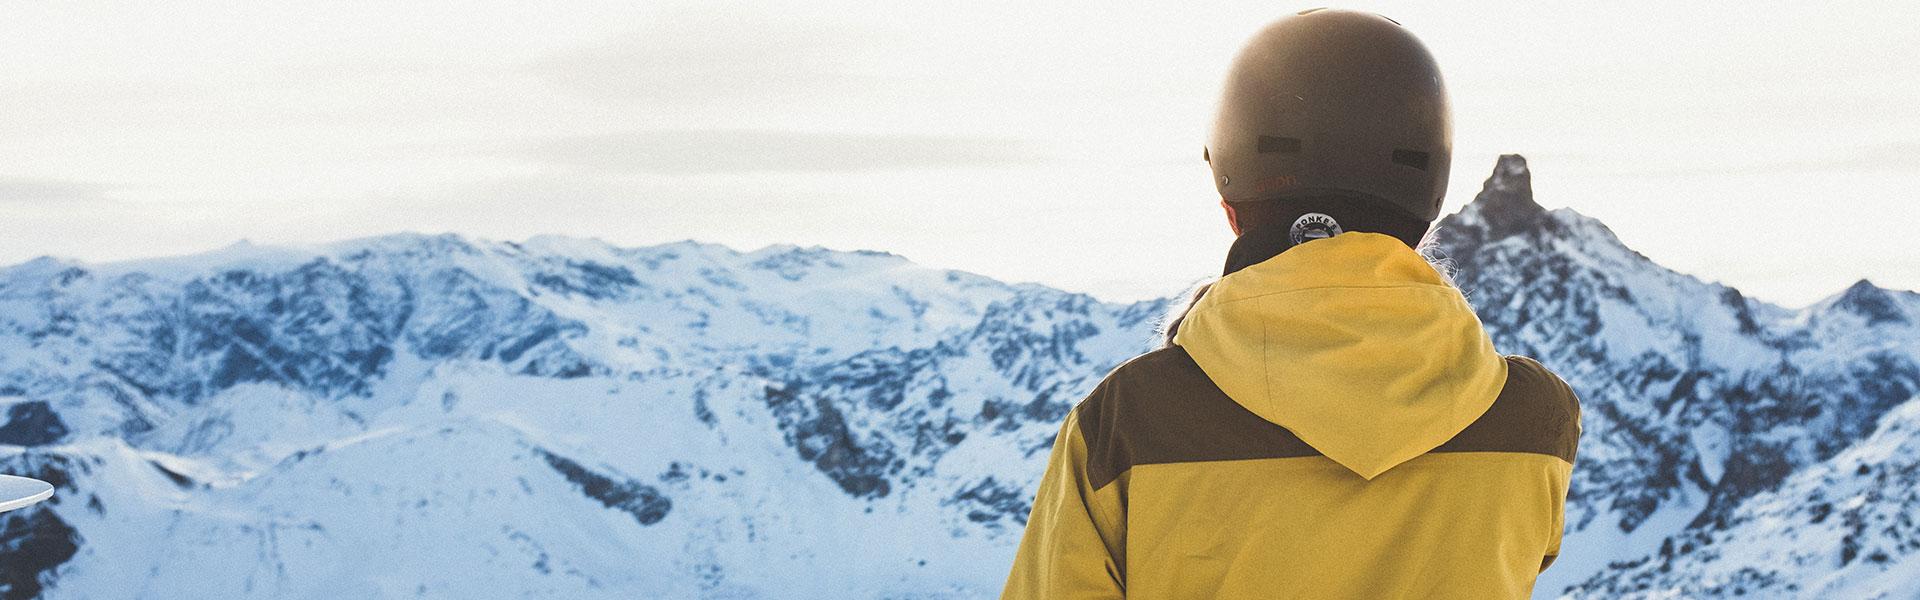 Italija skijanje